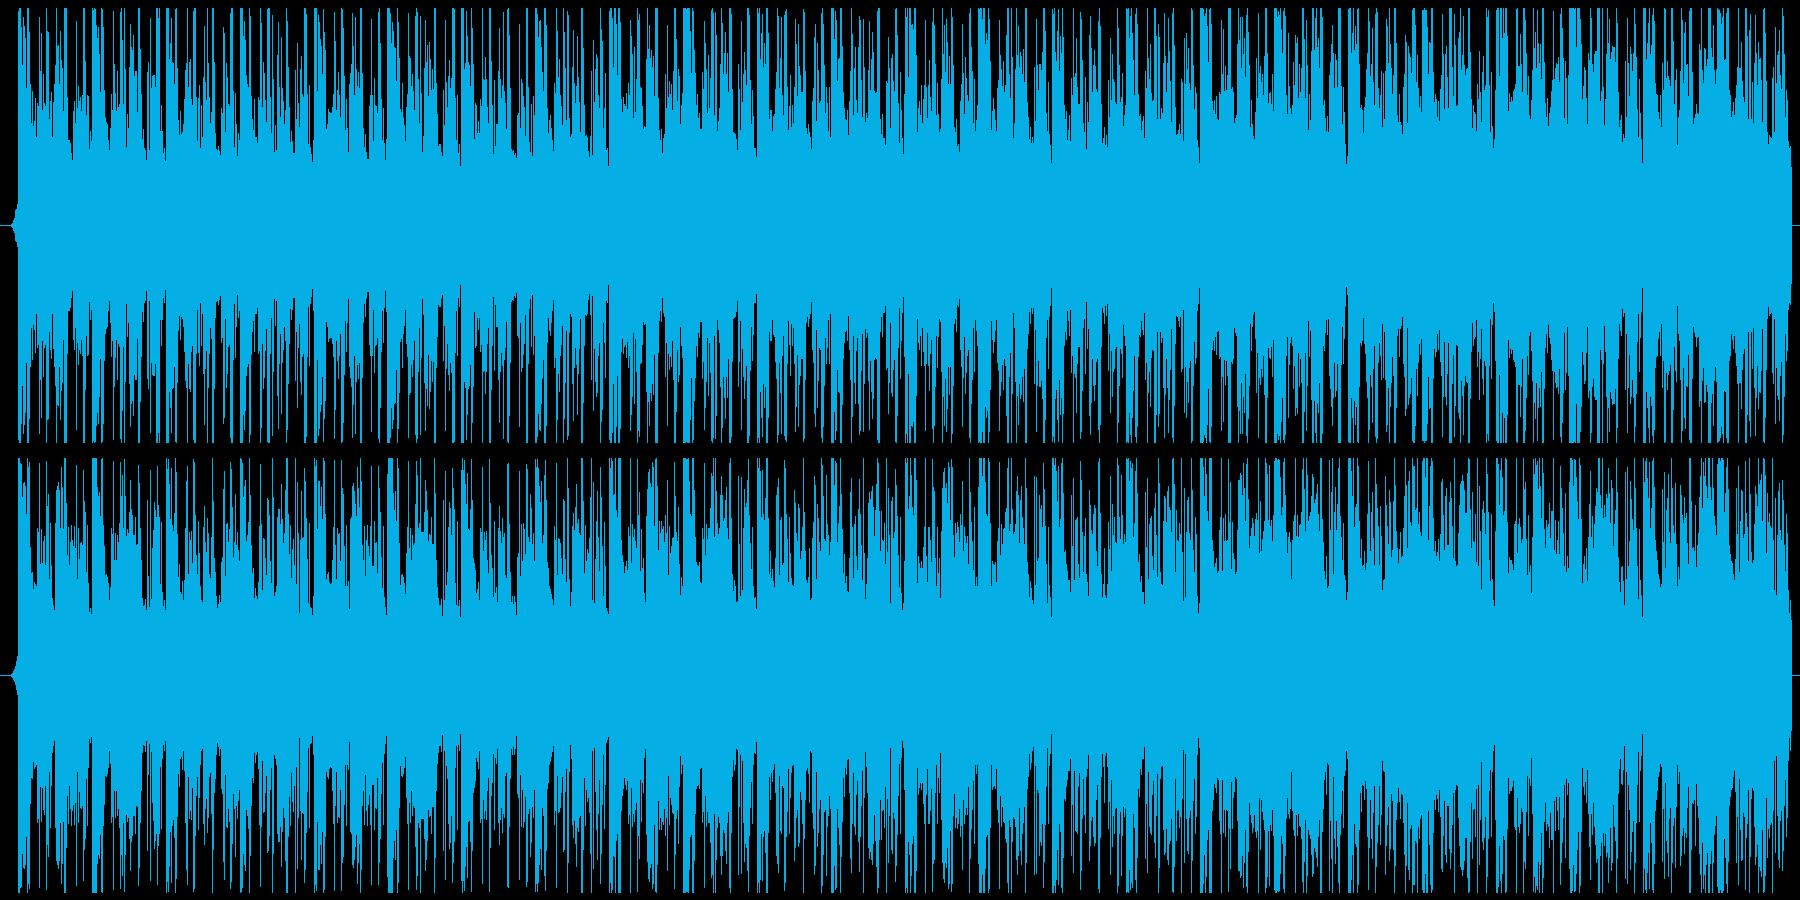 緊張感・疾走感のあるBGMの再生済みの波形